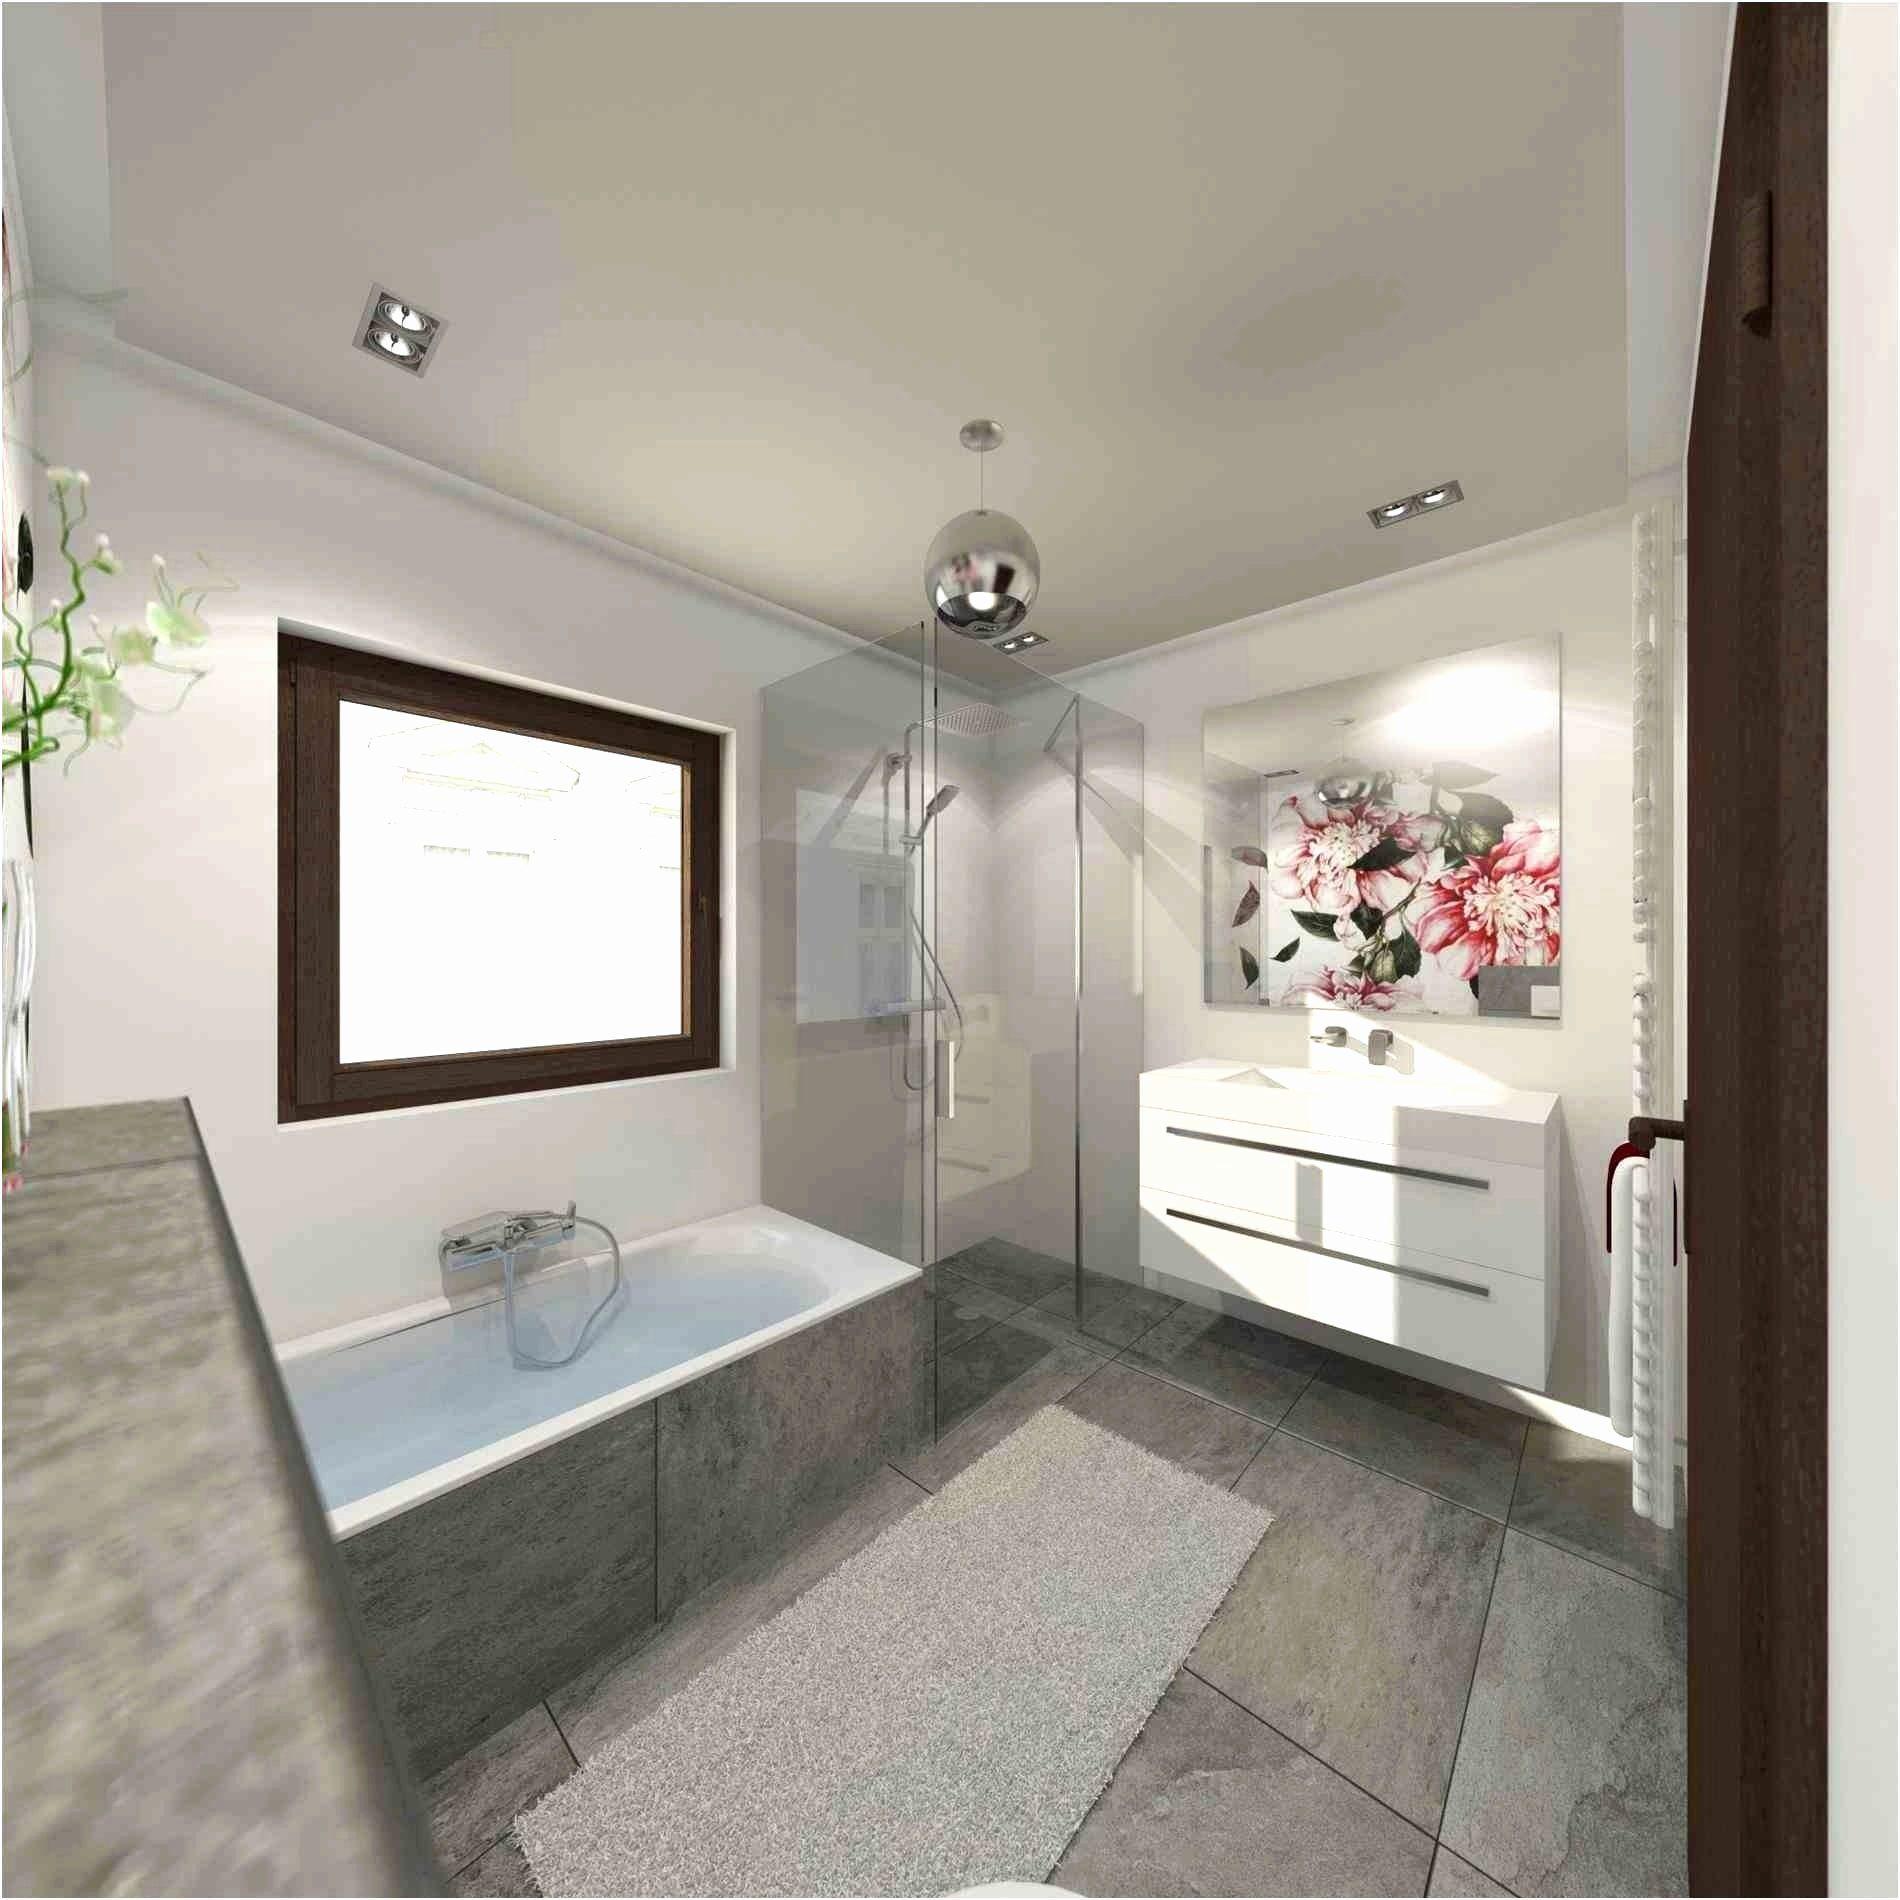 20 Badezimmer Umbau Fotos Ideen Luxus Aufnahme Badezimmer ...